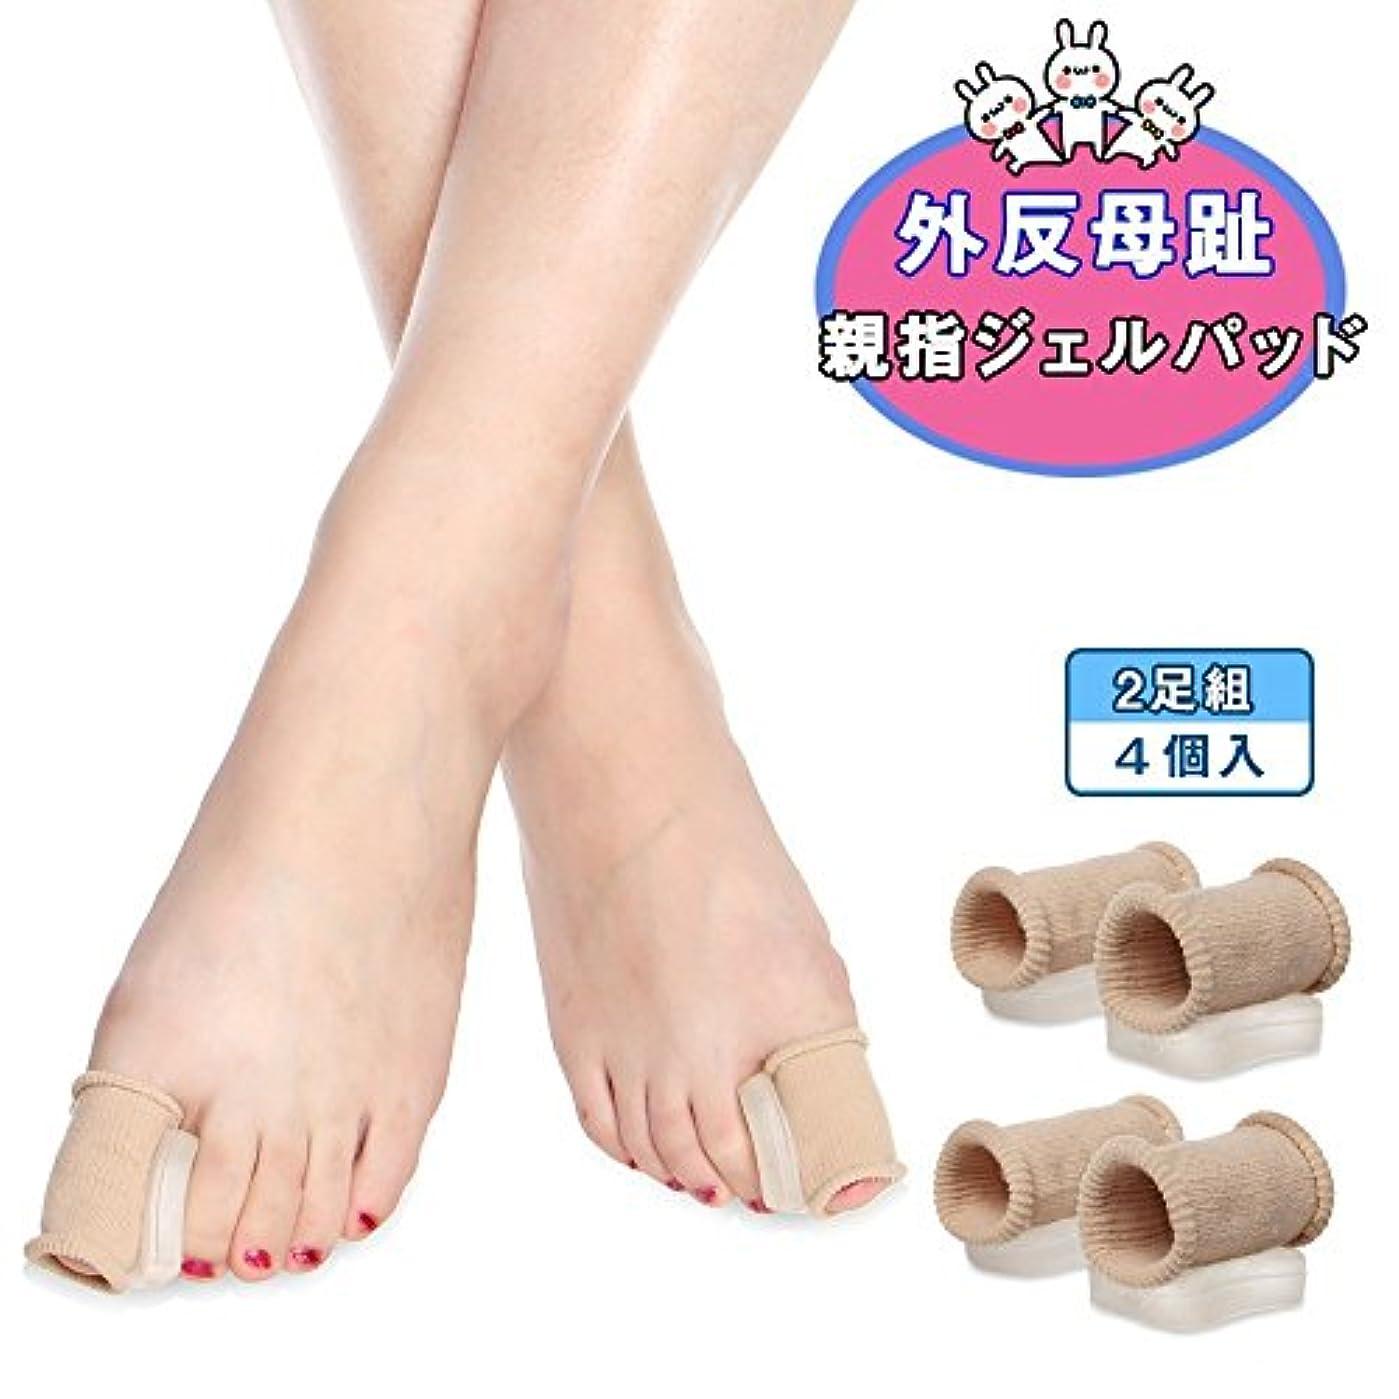 束ねるはさみ対角線Lucktao 親指ジェルパッド, 外反母趾サポーター 指間ジェルパッド つま先矯正 足用保護パッド 足指セパレーター 親指曲がりの緩和 足指サポーター 4個入り